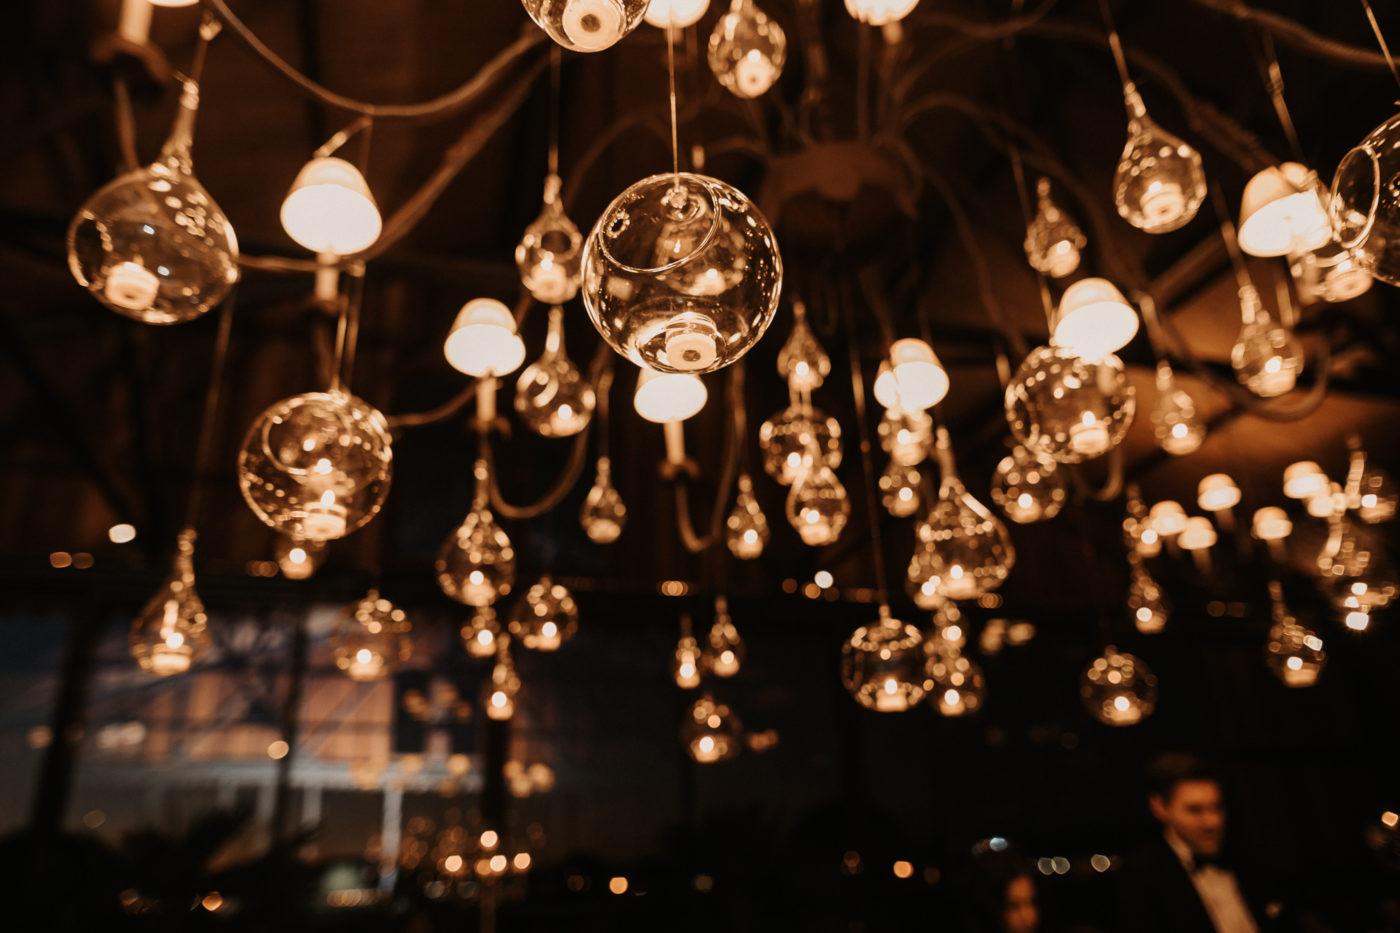 Hängende Lichtergläser im Cap Rocat kreiert von der Dekorationsagentur Ars Festum